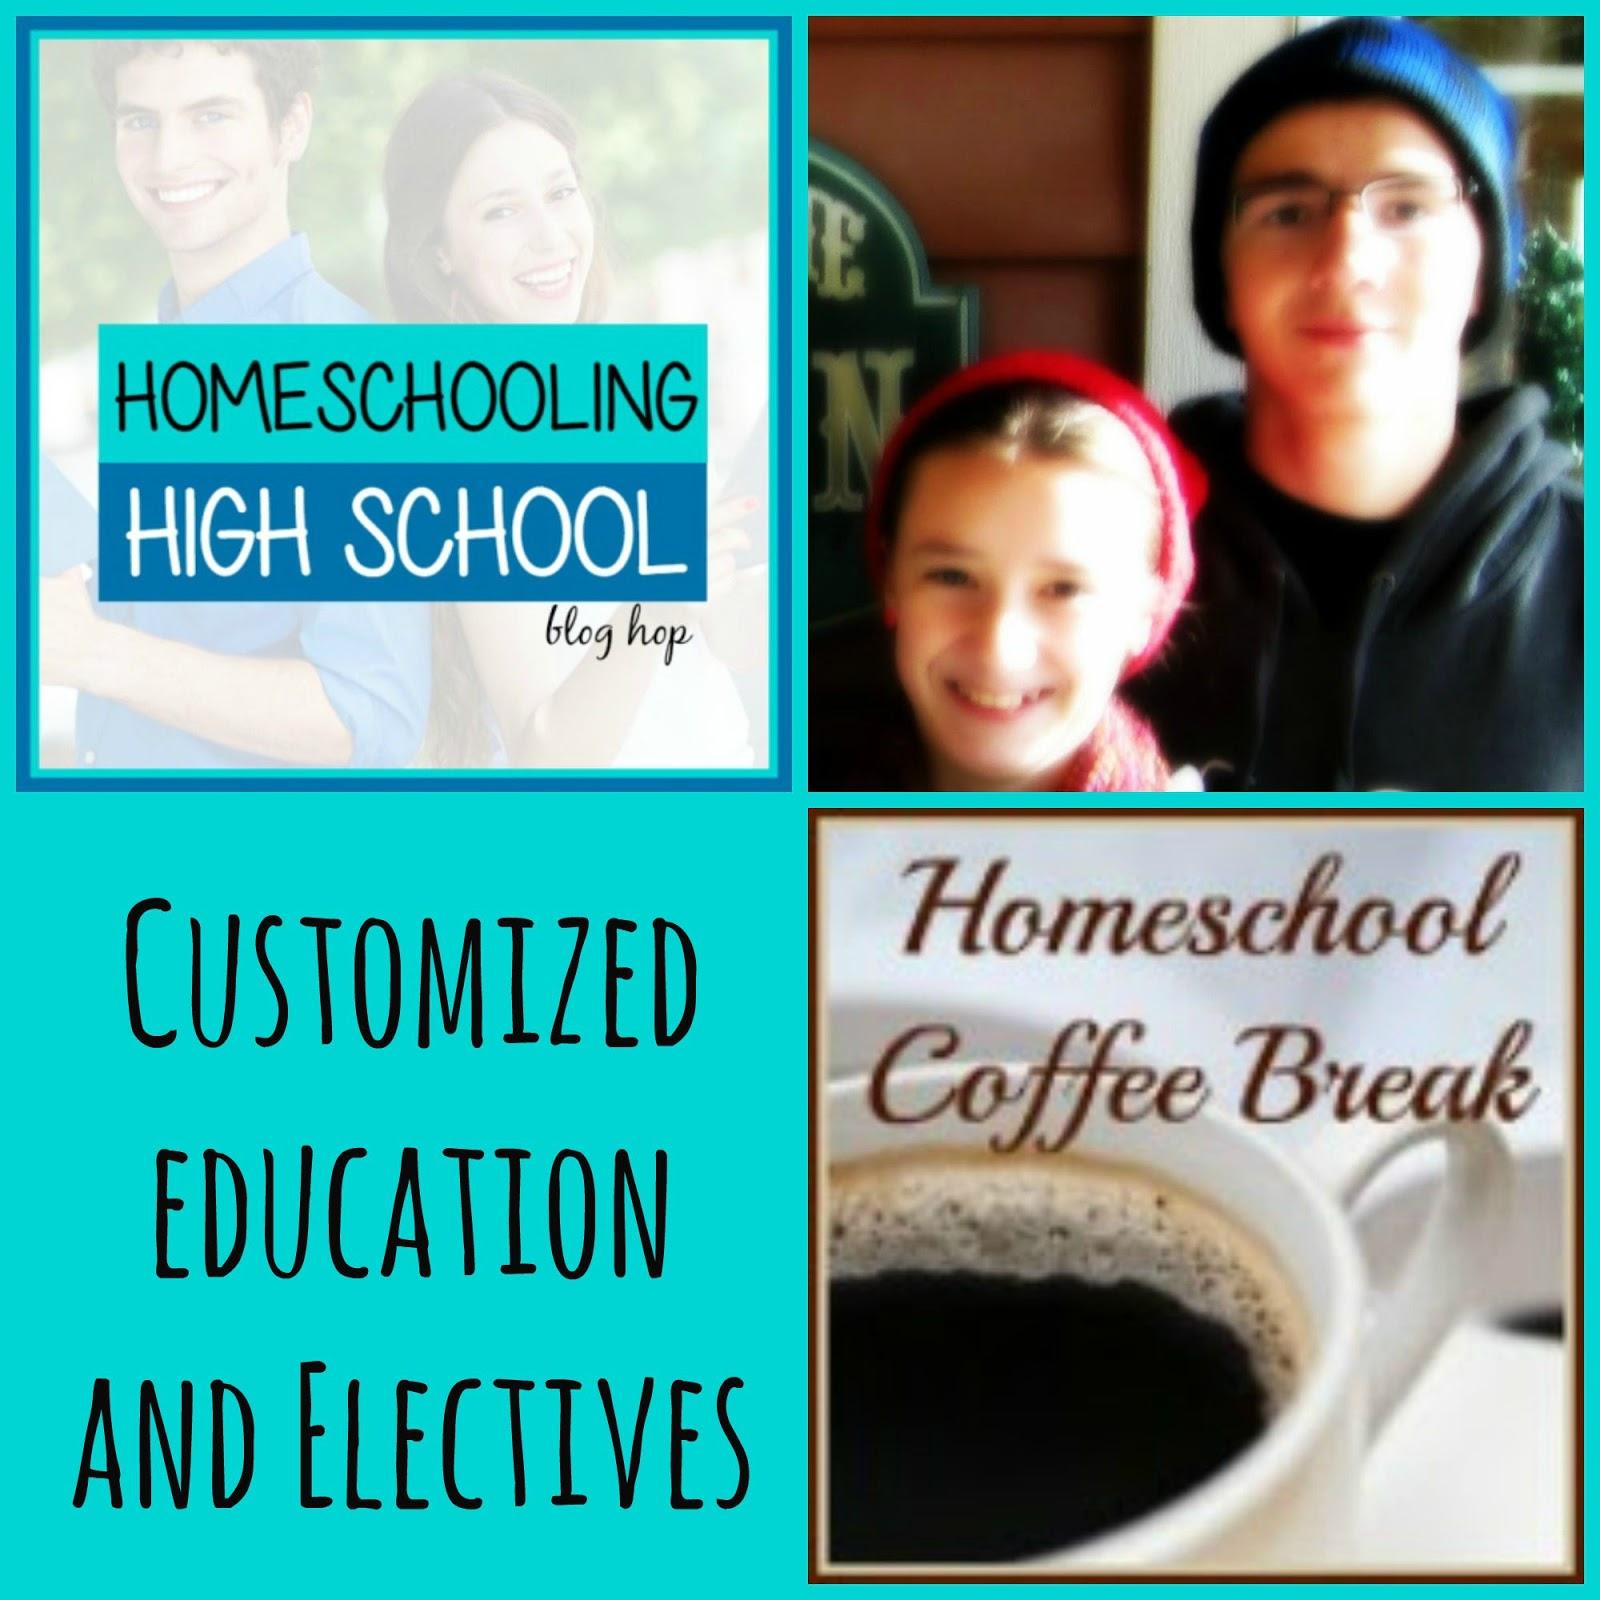 Homeschool Coffee Break Homeschooling High School